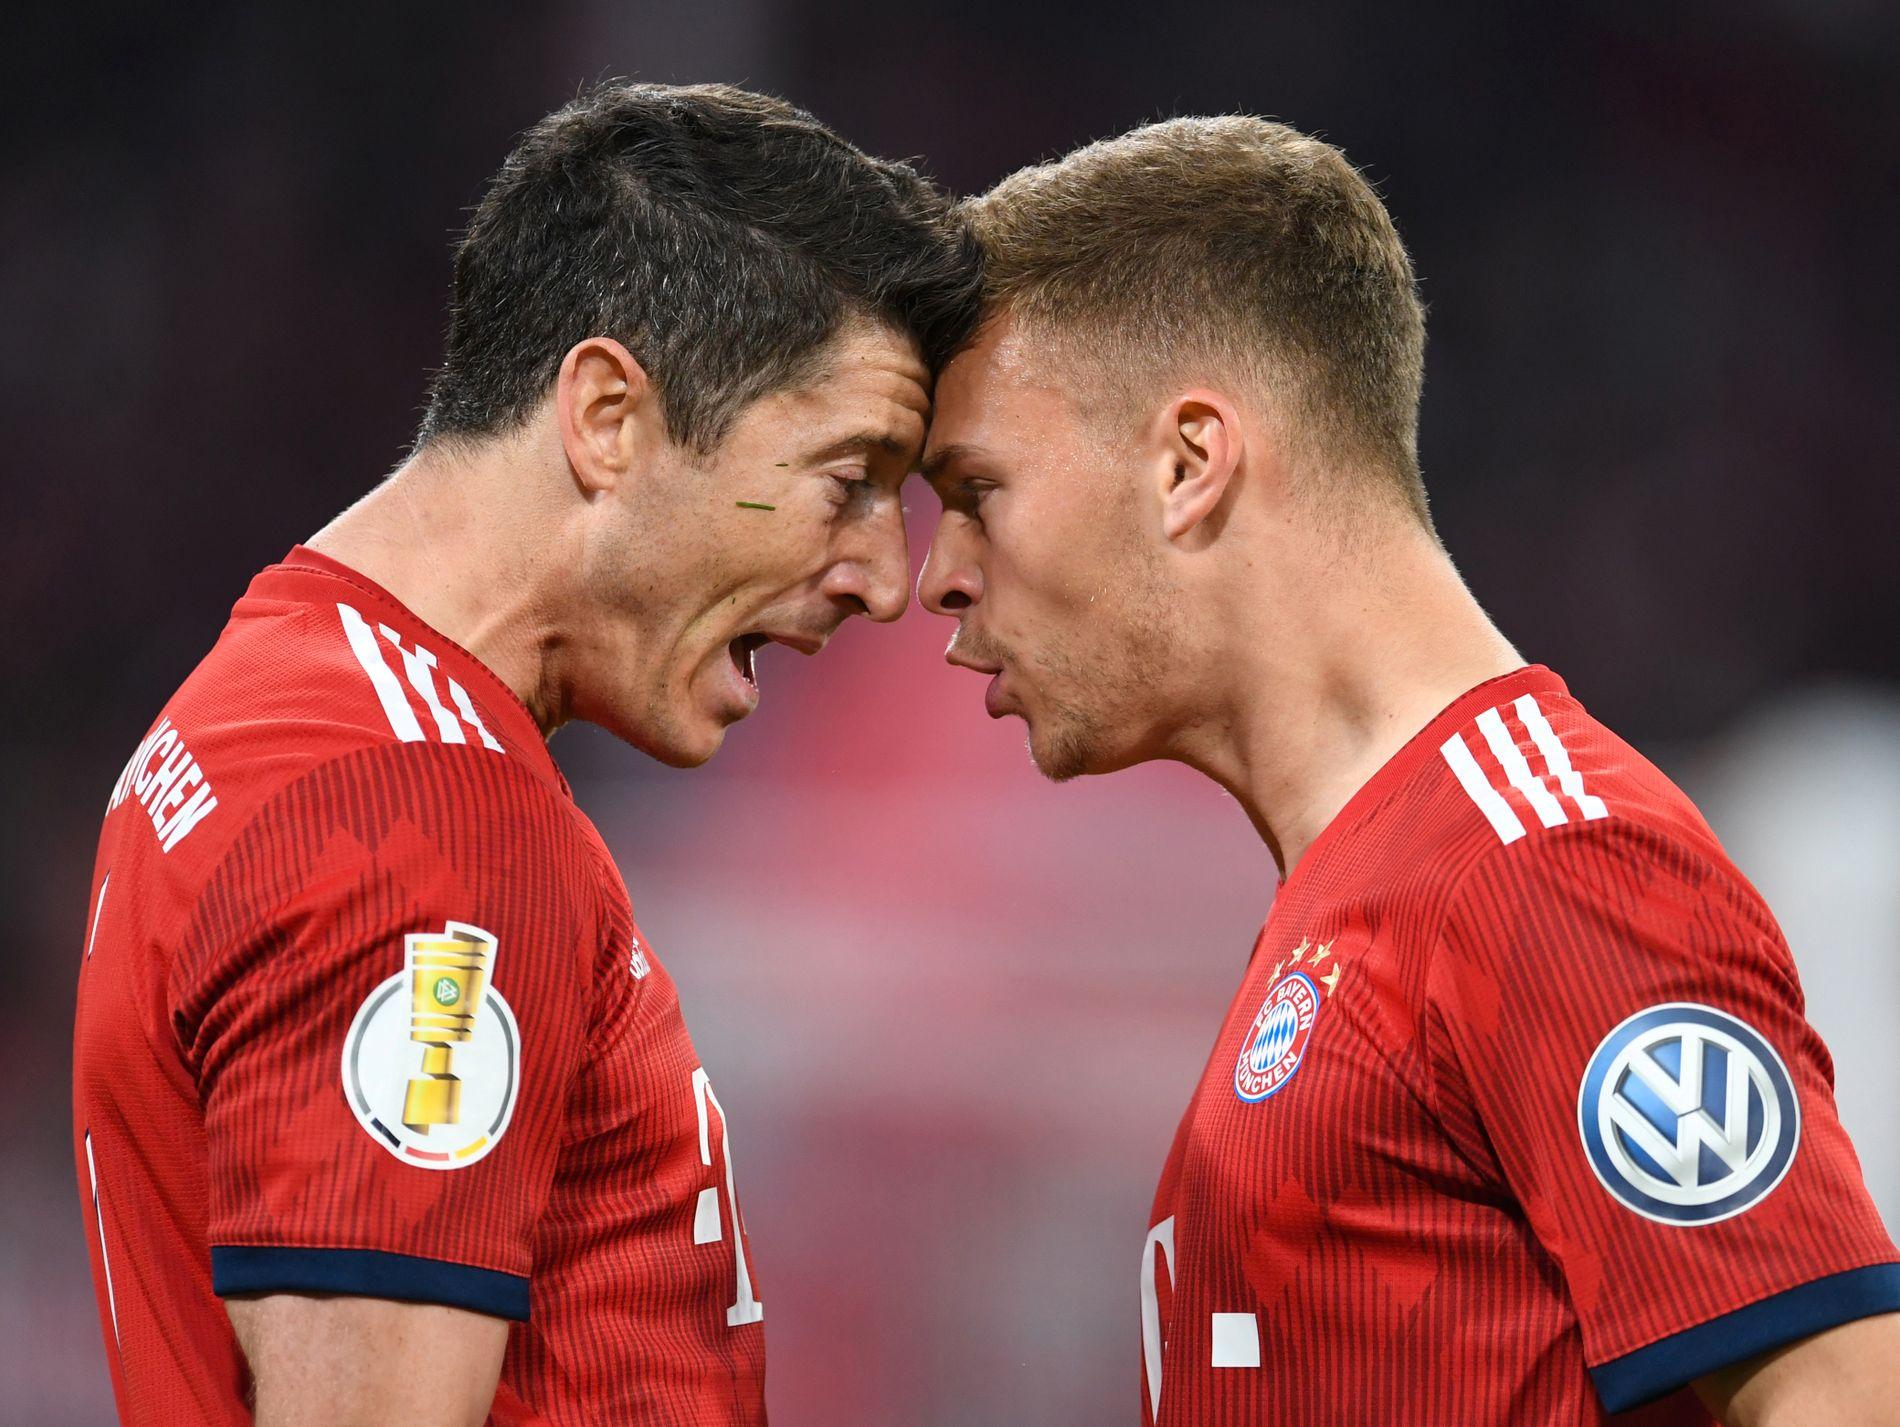 MÅLBONANZA: Det ble ni mål da Bayern München slo Heidenheim 5–4 i cupen. Robert Lewandowski (t.v.) avgjorde kampen etter 84 minutter. Her feirer han med Joshua Kimmich.